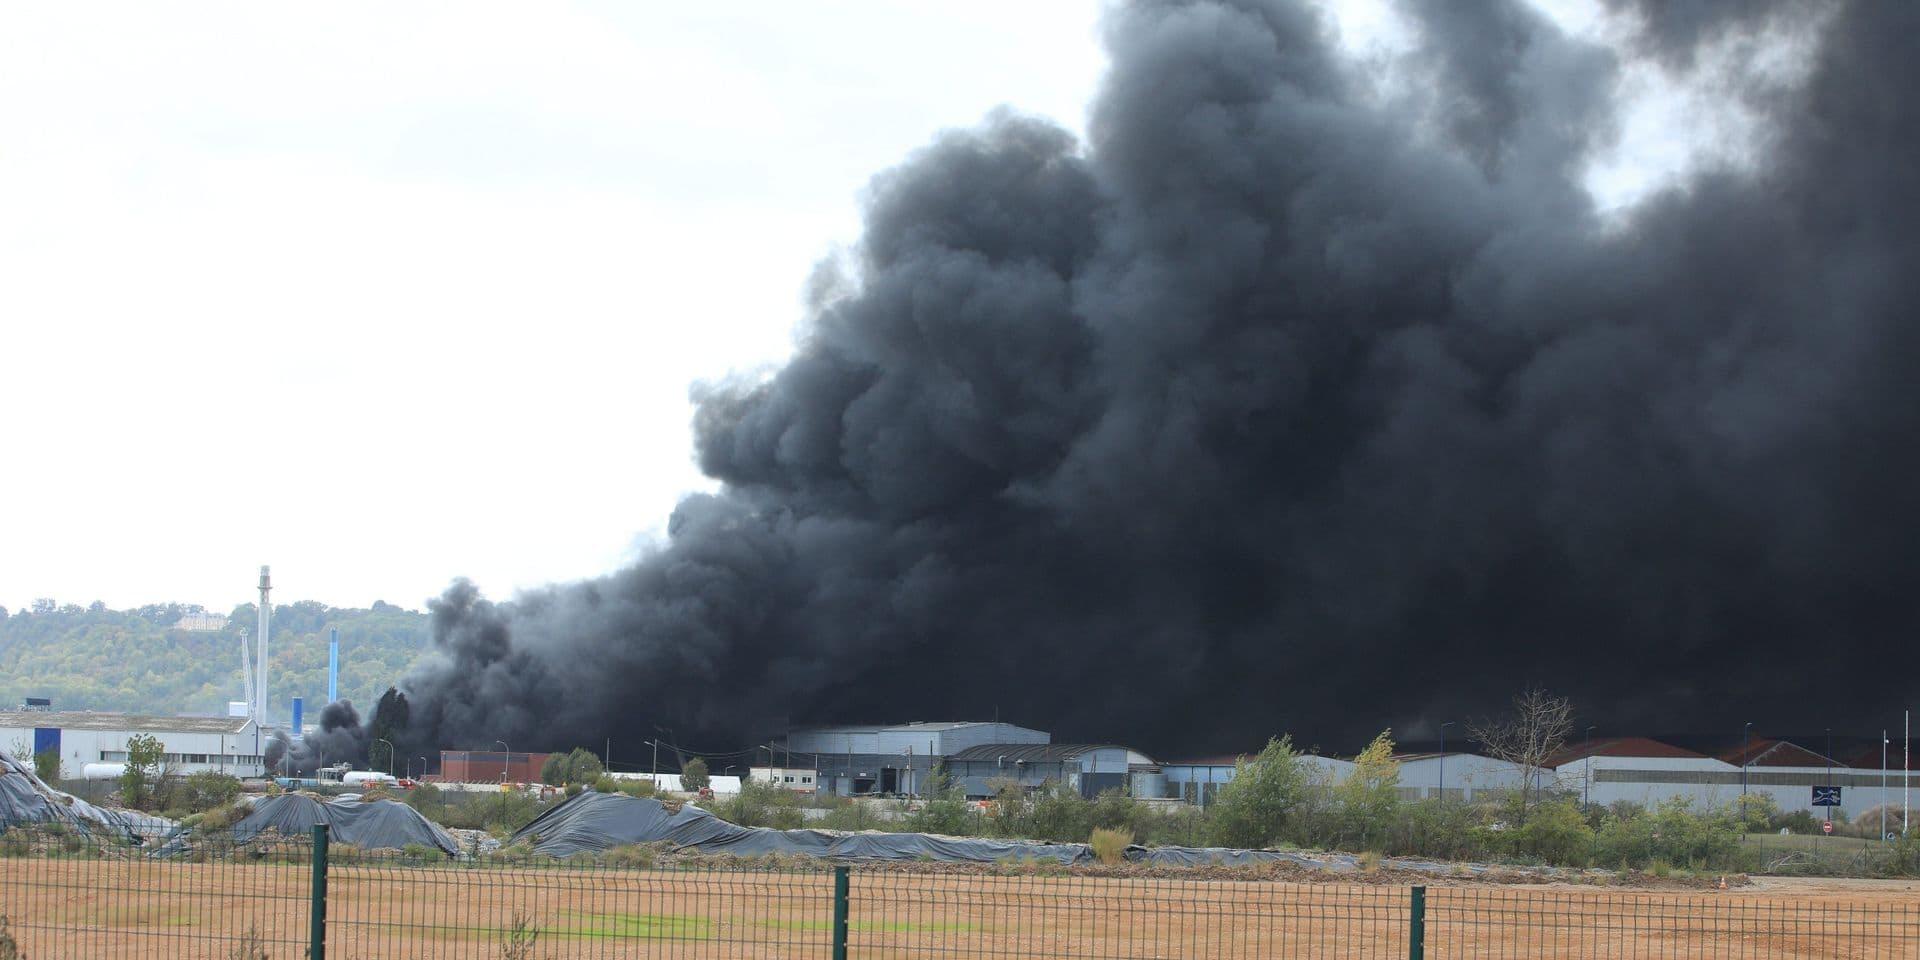 Incendie d'une usine à Rouen: 224 passages aux urgences, dont huit hospitalisations